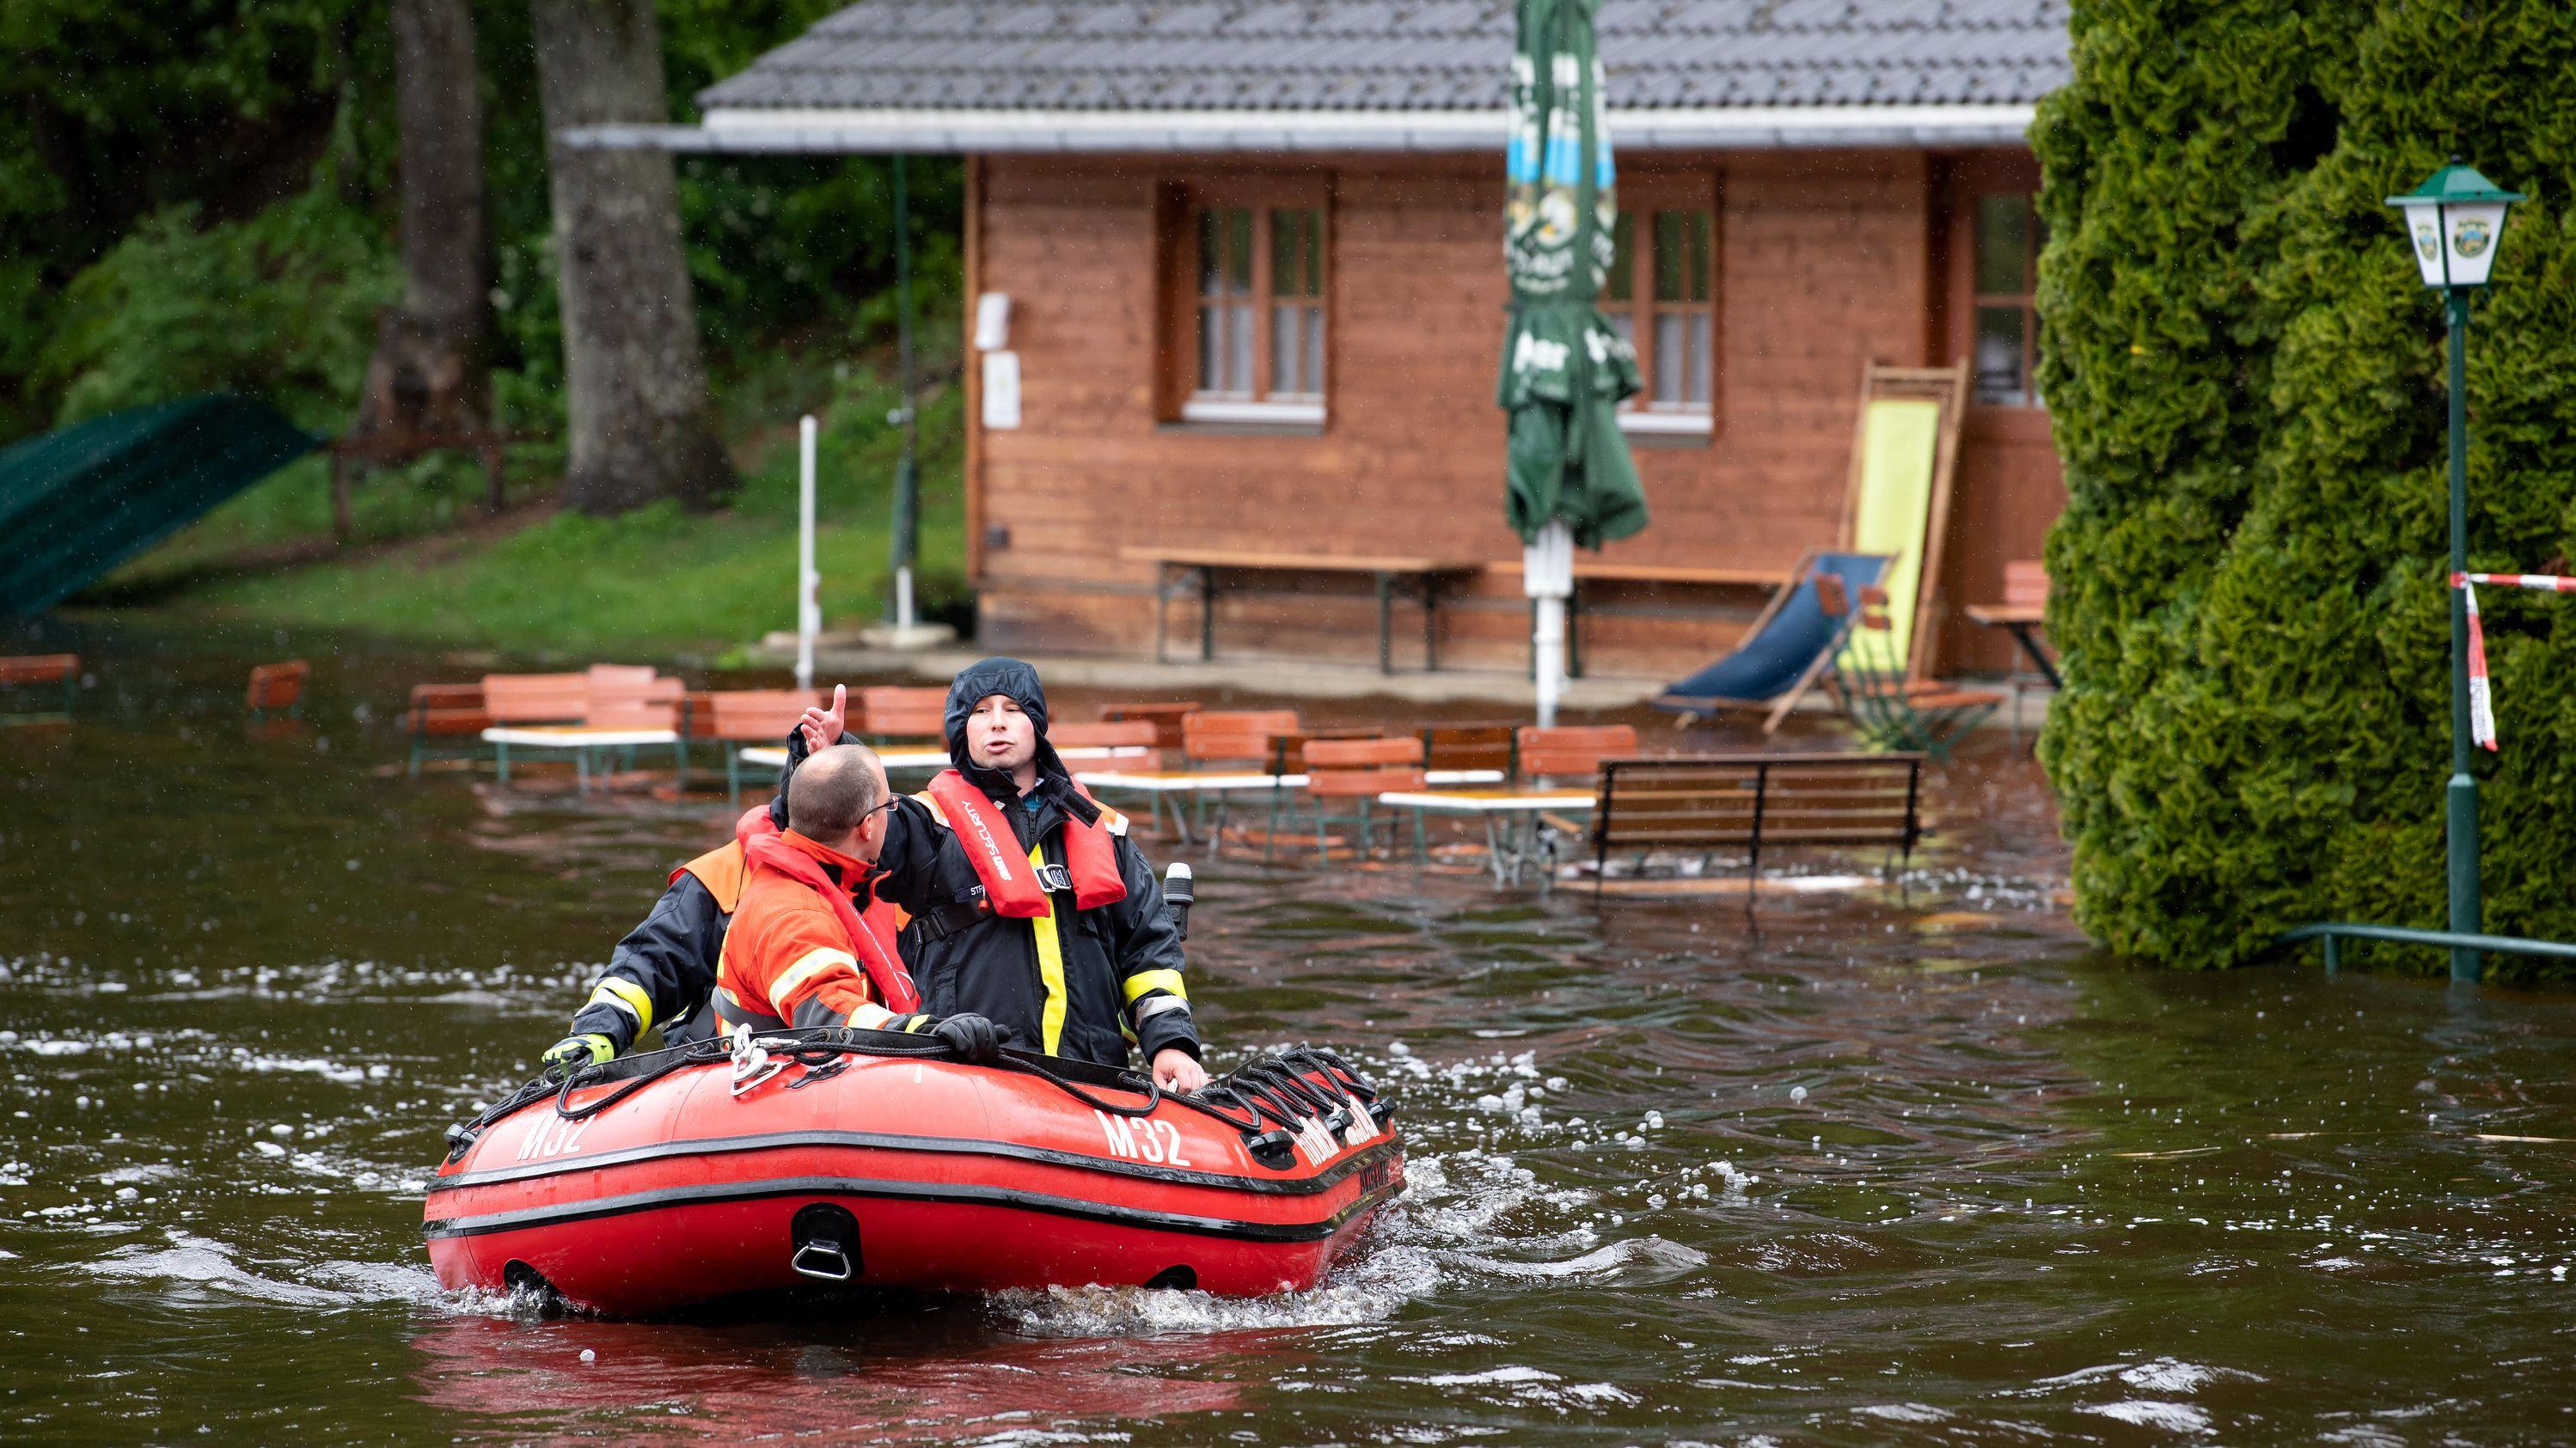 Feuerwehrboot im Deininger Weiher im Landkreis München